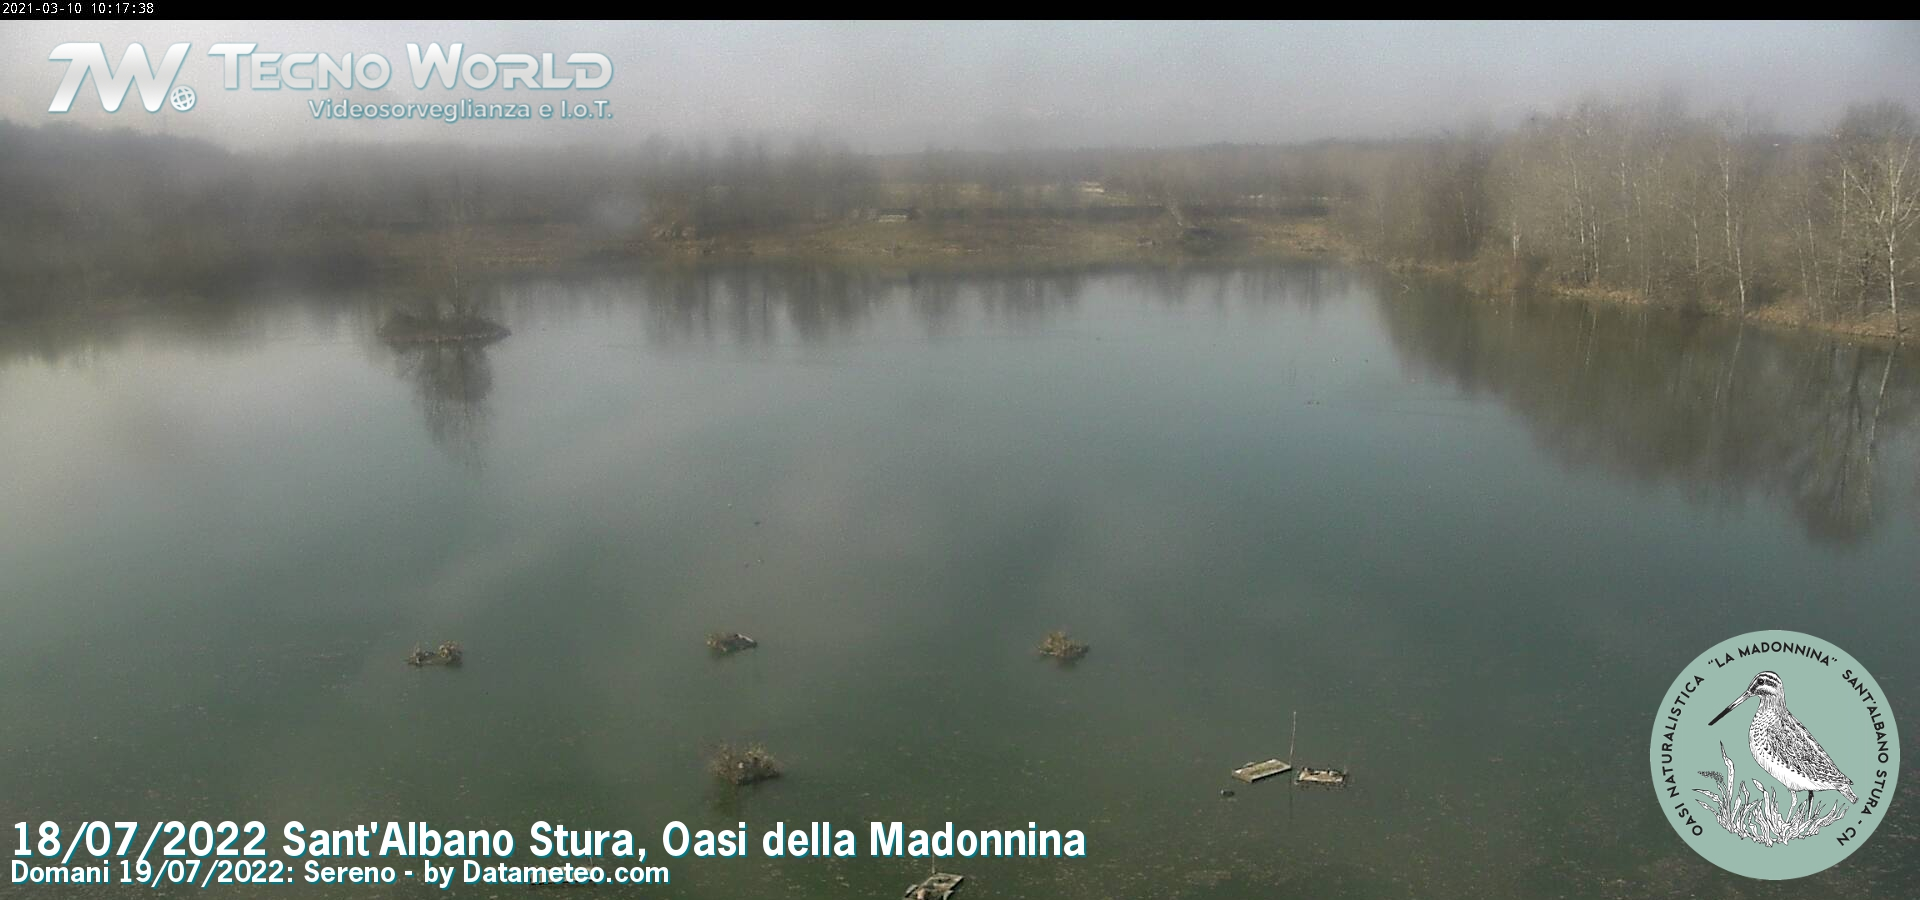 Sant'Albano Stura, Oasi della Madonnina